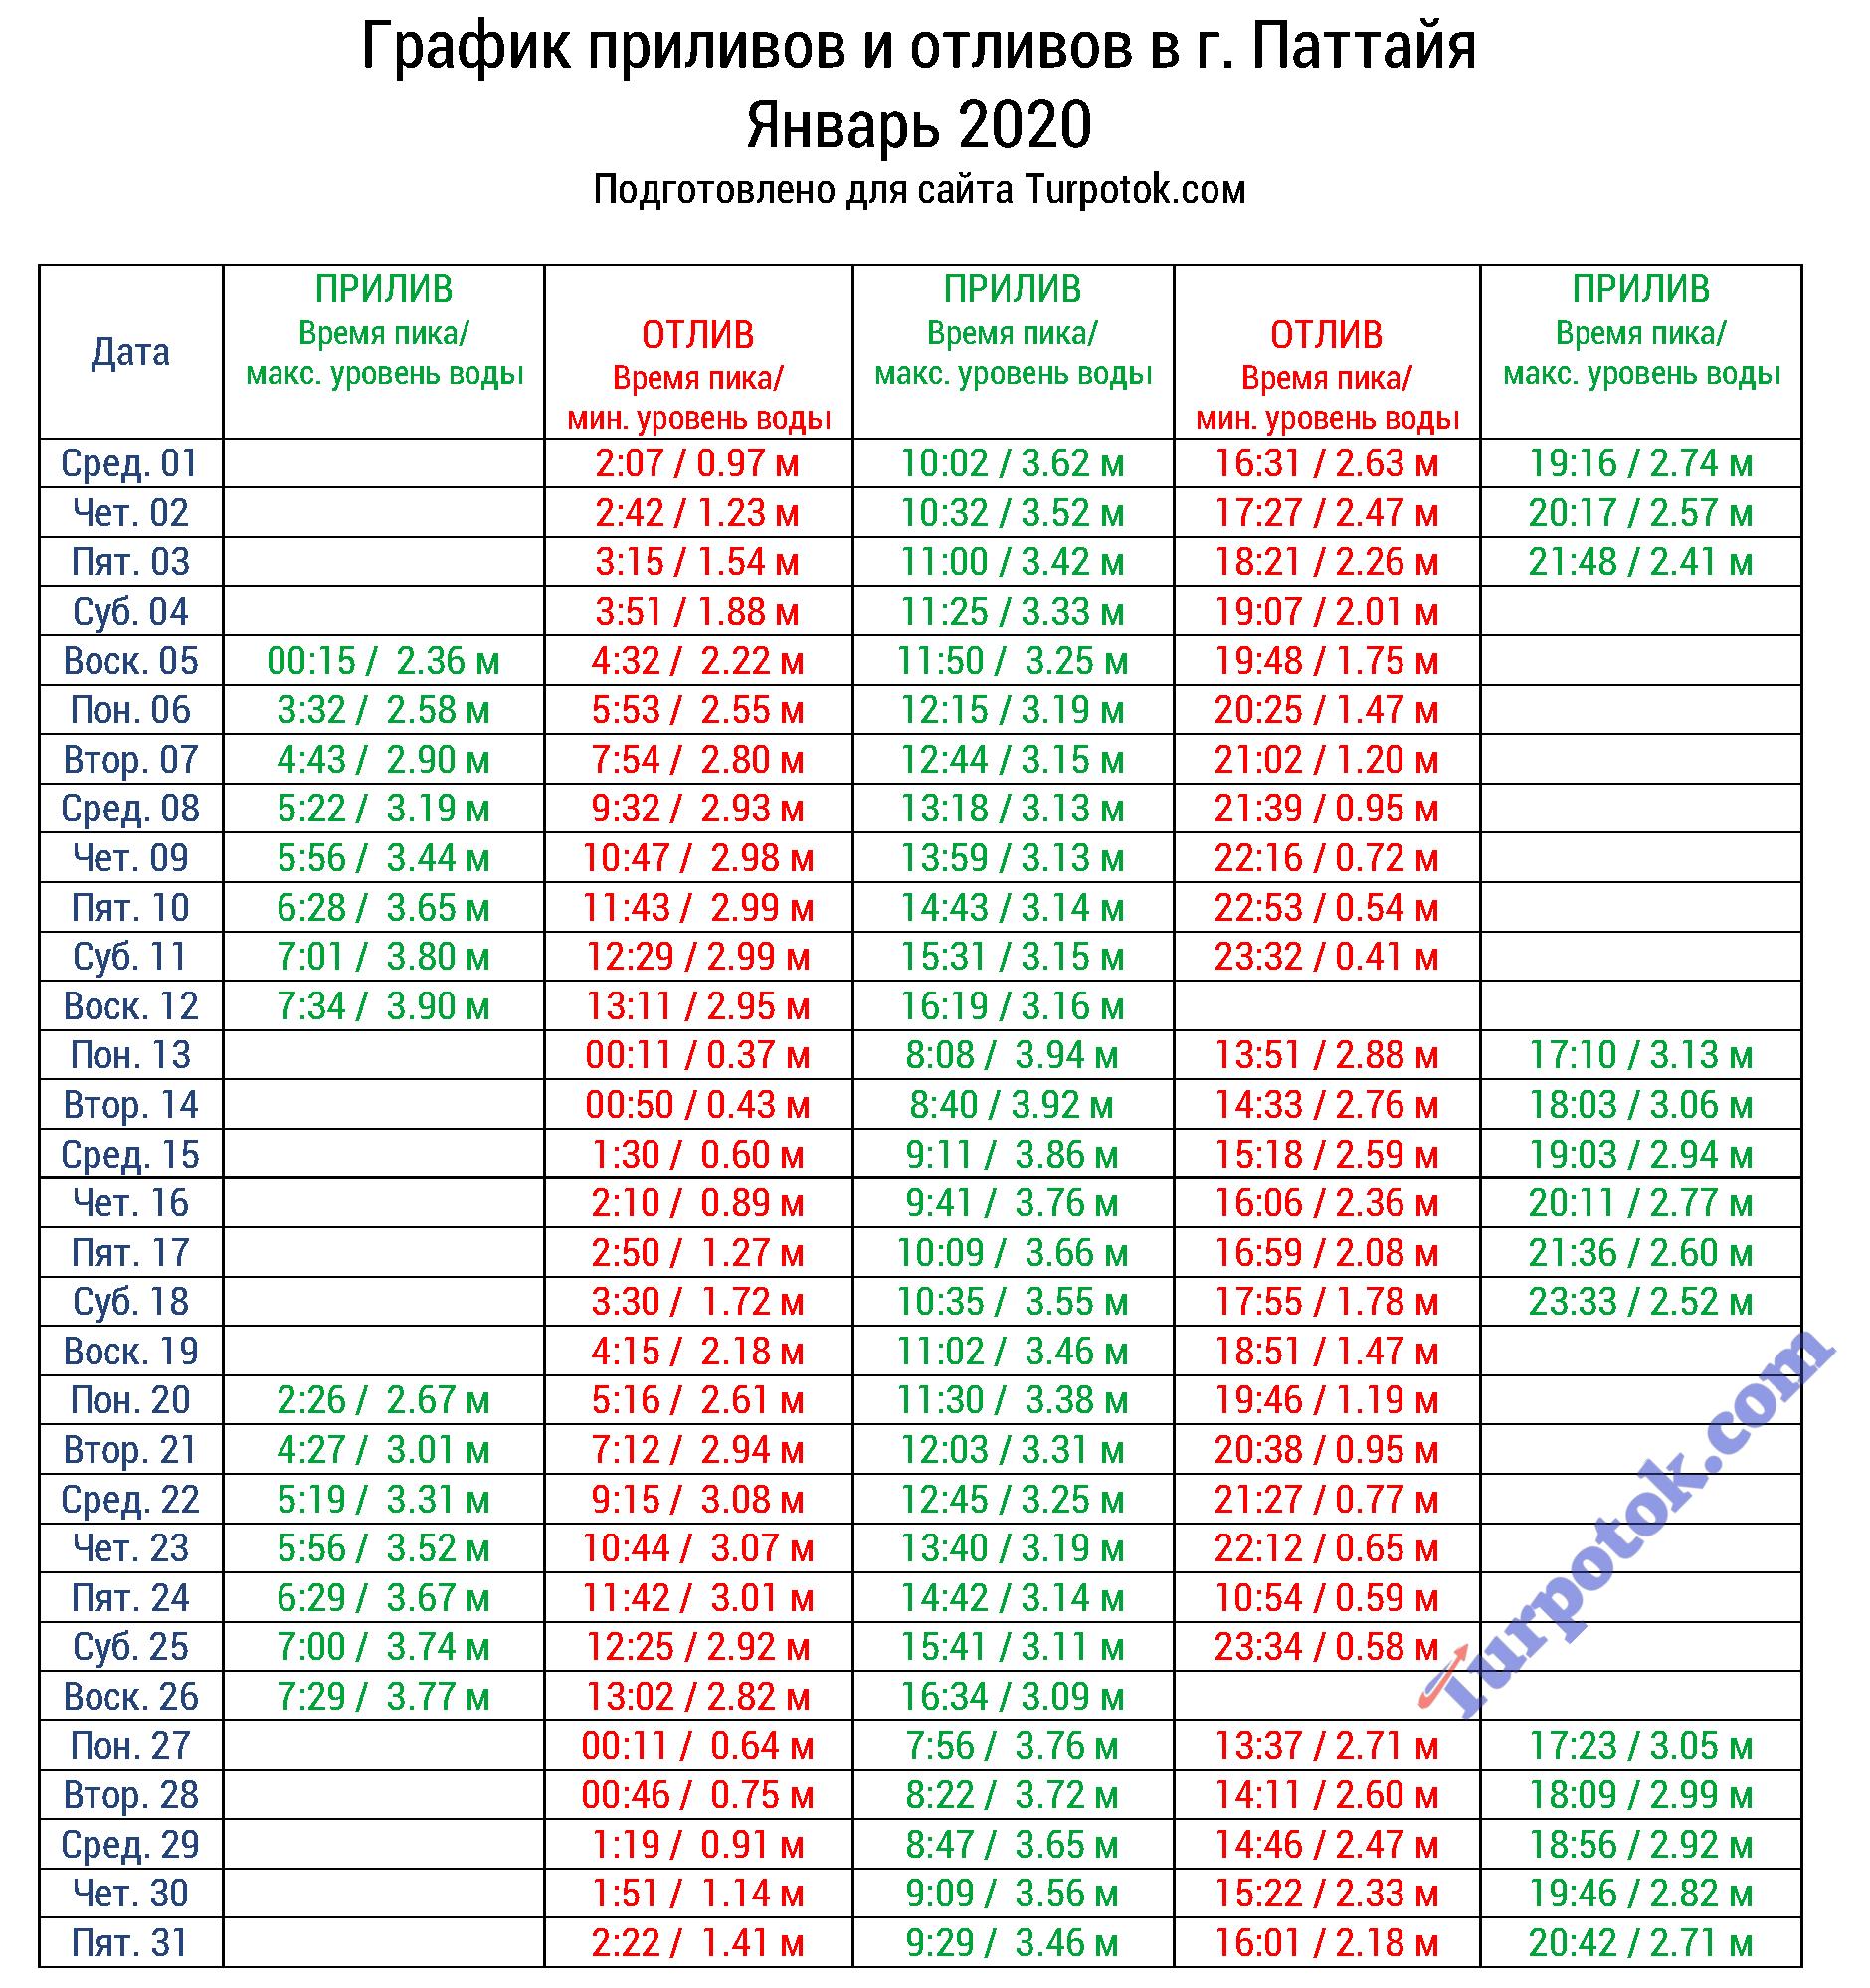 Таблица с расписанием отливов в Паттайе на январь 2020 г.